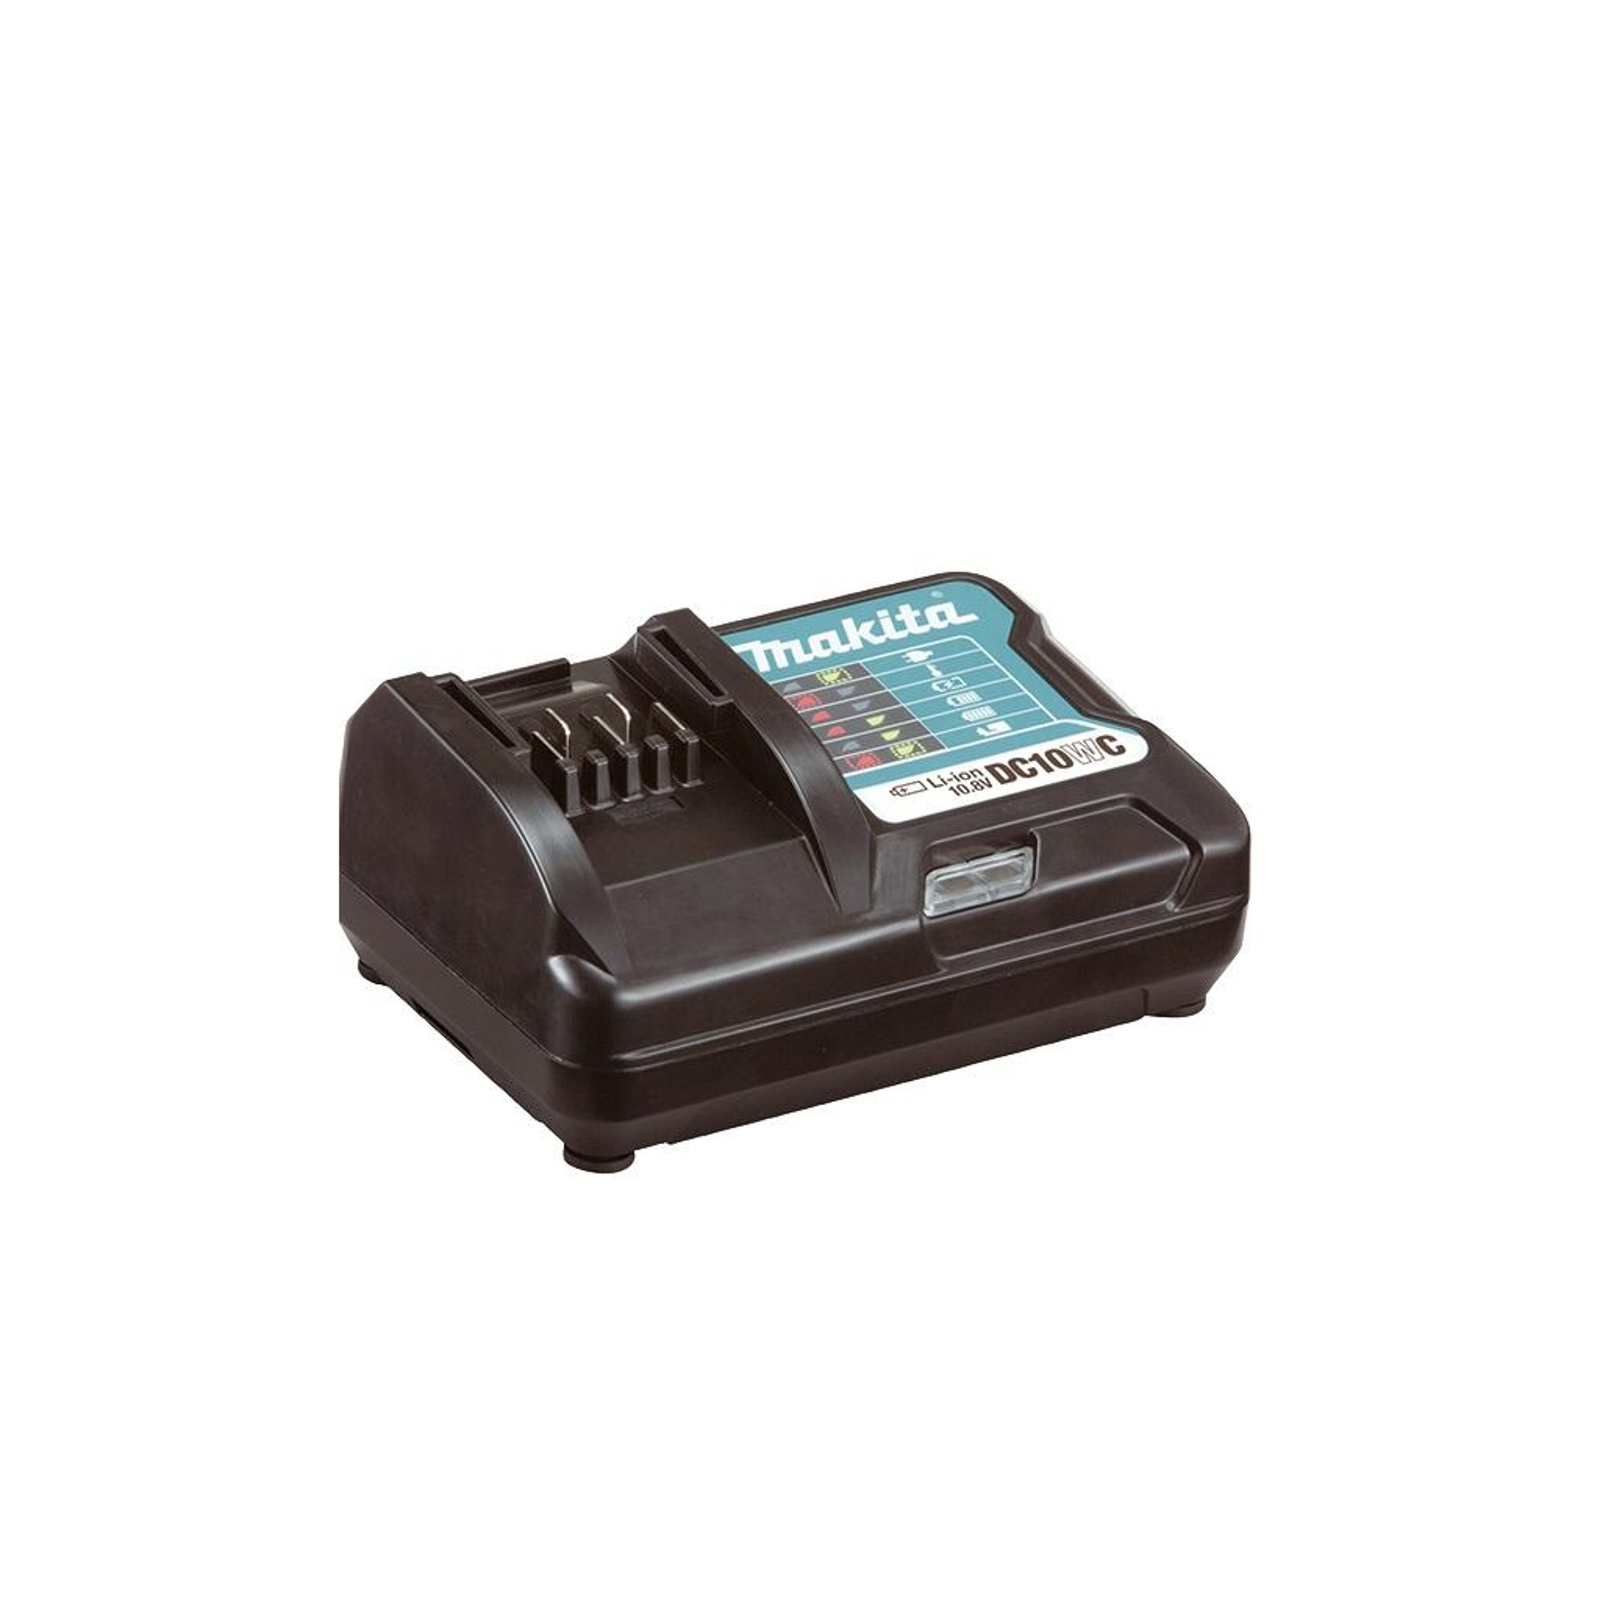 Шуруповерт Makita CLX206X1 CXT 10,8В Slider (TM30D, DF331D, DC10WC, BL1015x2) (CLX206X1) изображение 5